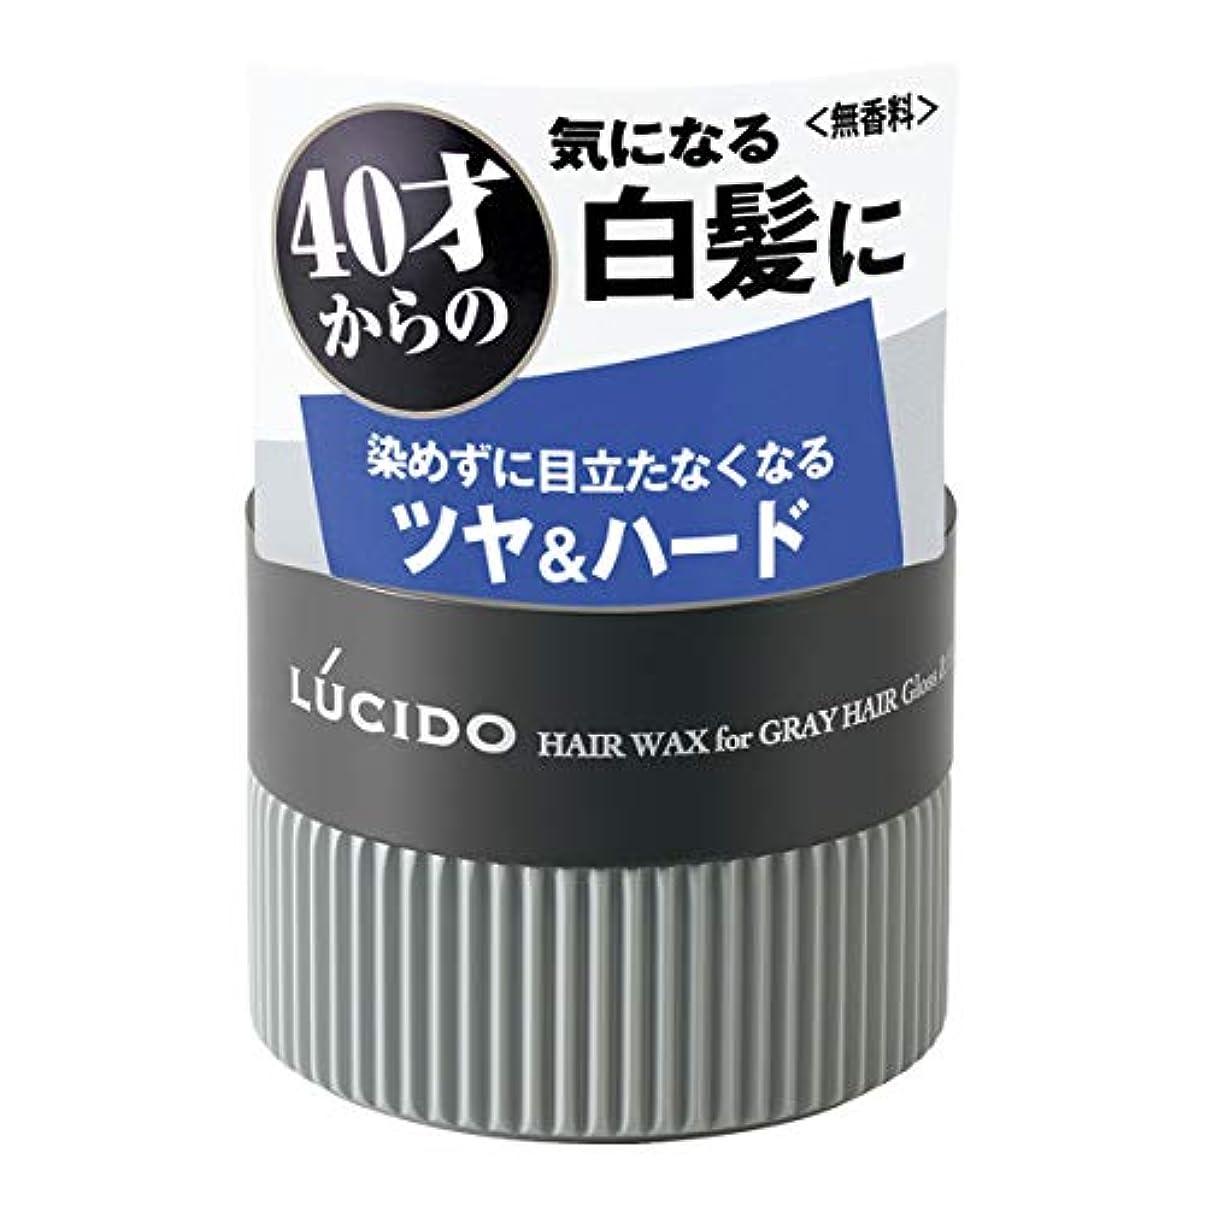 ハシー電子クラッチLUCIDO(ルシード) ヘアワックス 白髪用ワックス グロス&ハード 80g